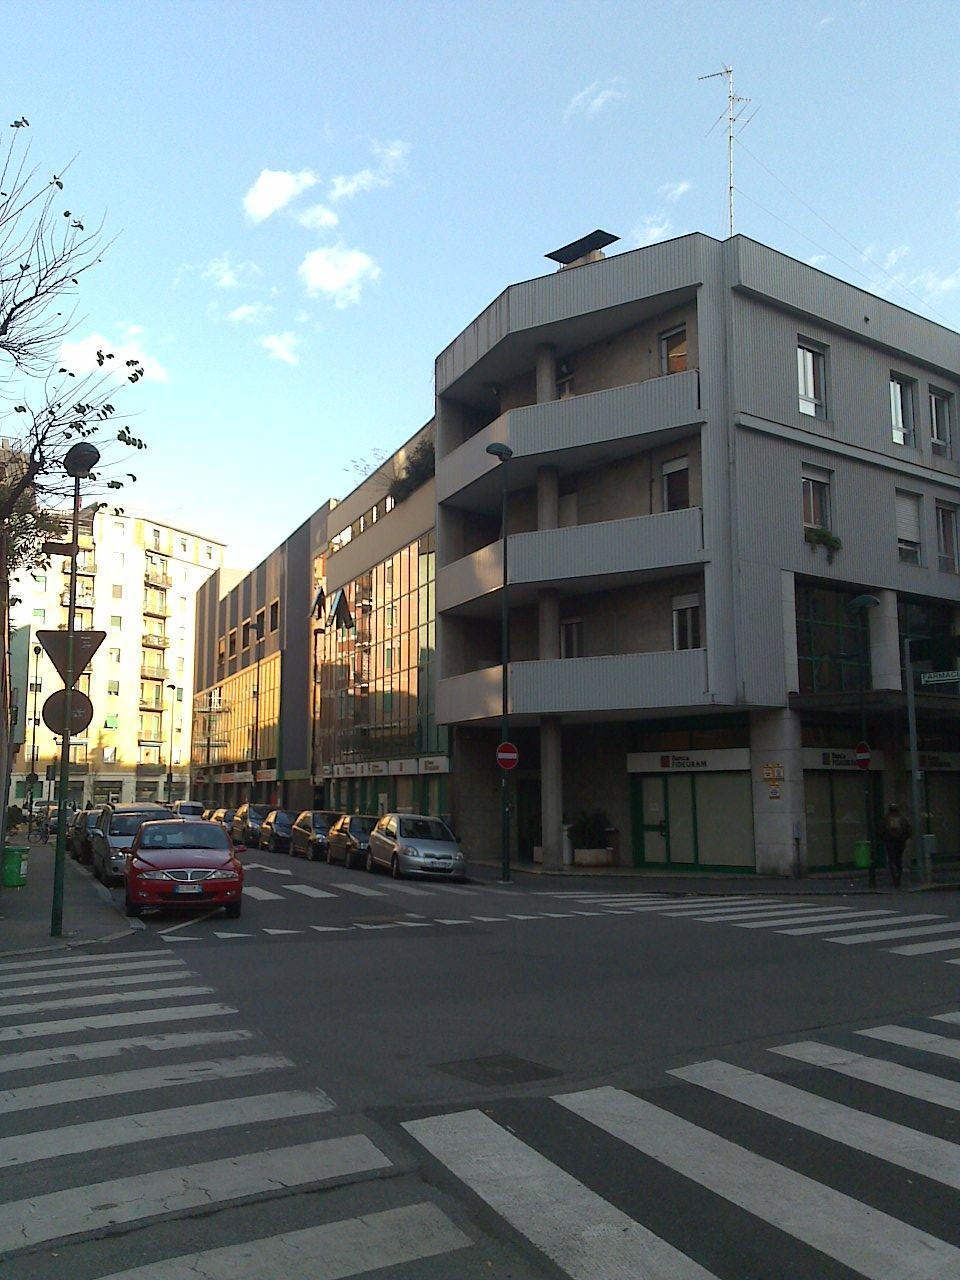 Ufficio / Studio in affitto a Sesto San Giovanni, 2 locali, zona Località: Rondò, prezzo € 650 | PortaleAgenzieImmobiliari.it